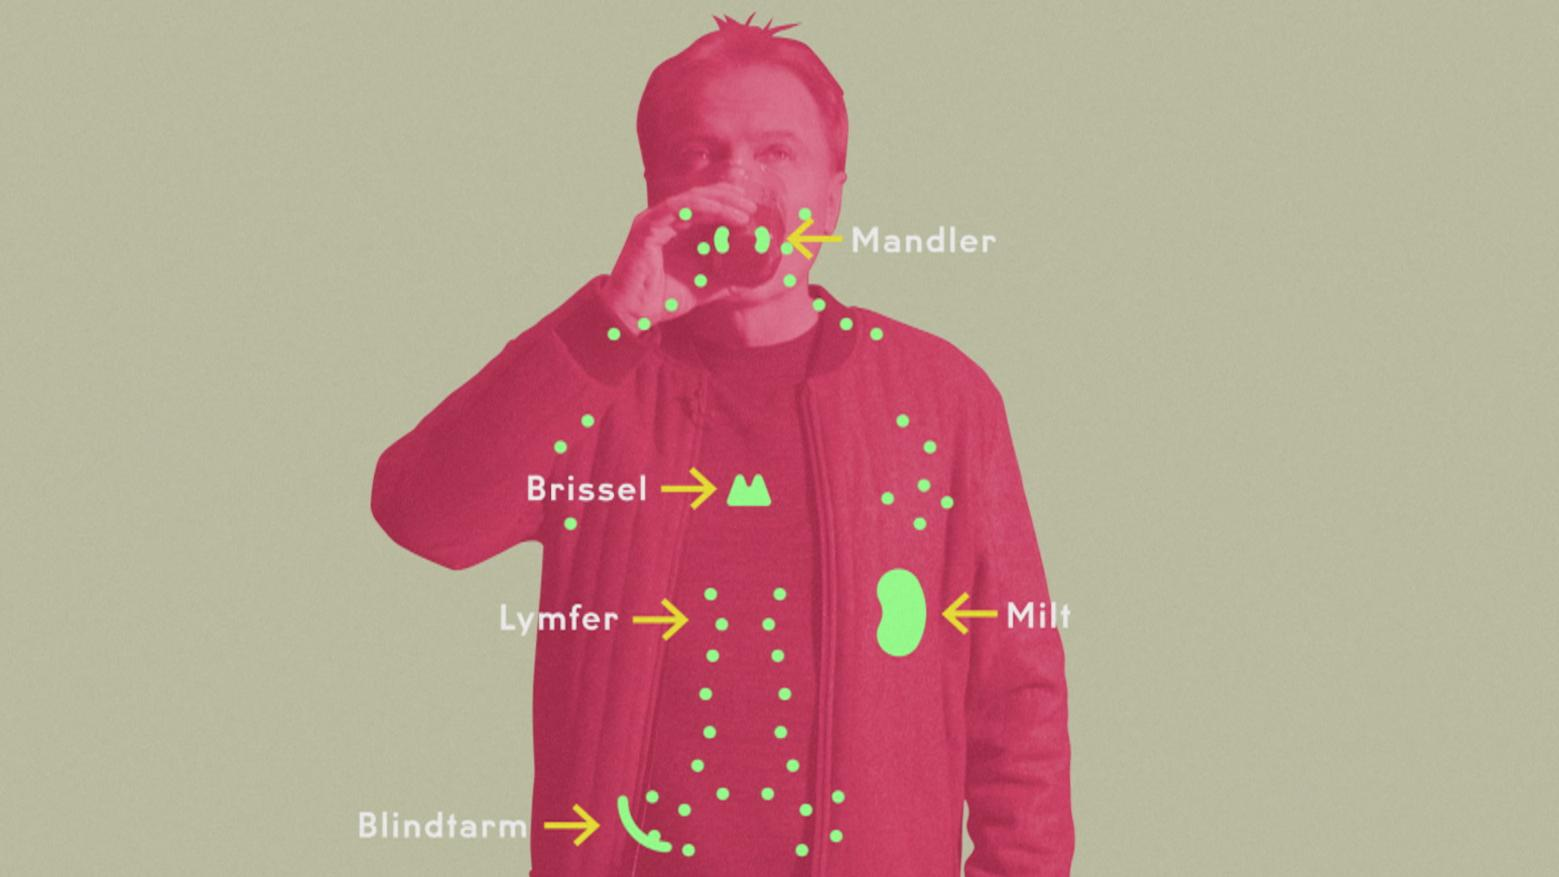 sundhedsmagasinet_forkoelelse_og_influenza_-_med_credits_00102416.jpeg